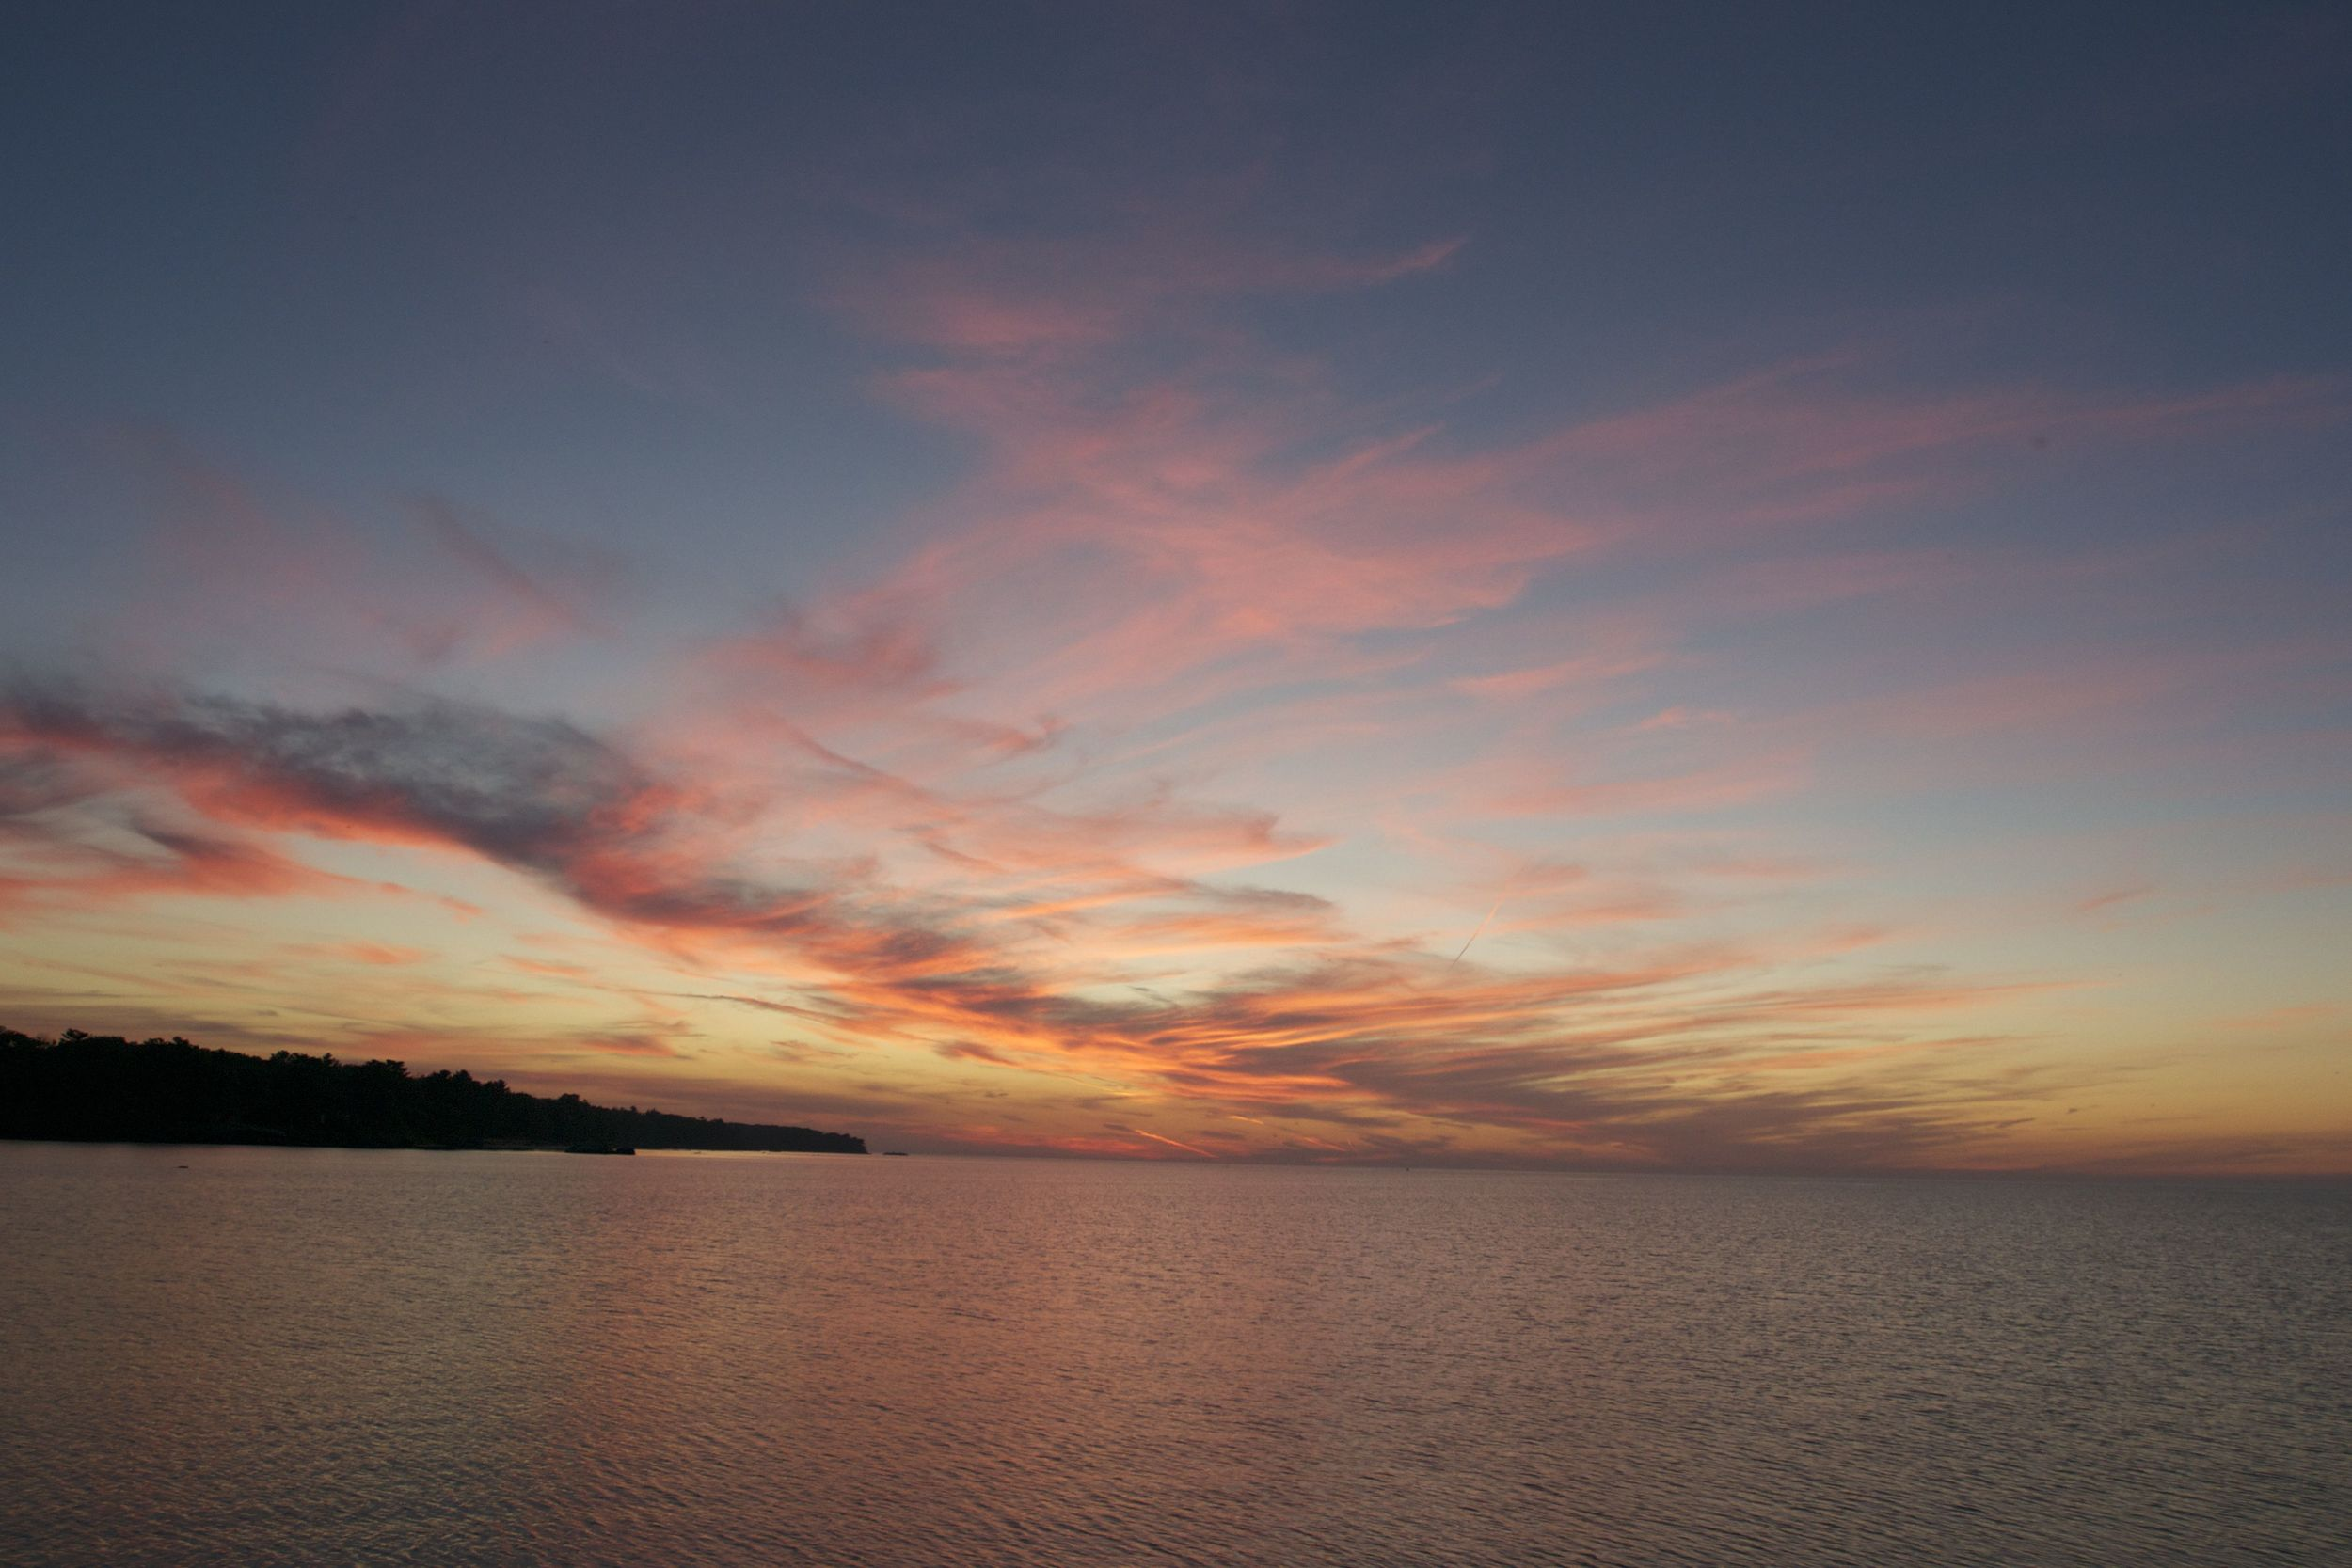 Sunset over Port Austin